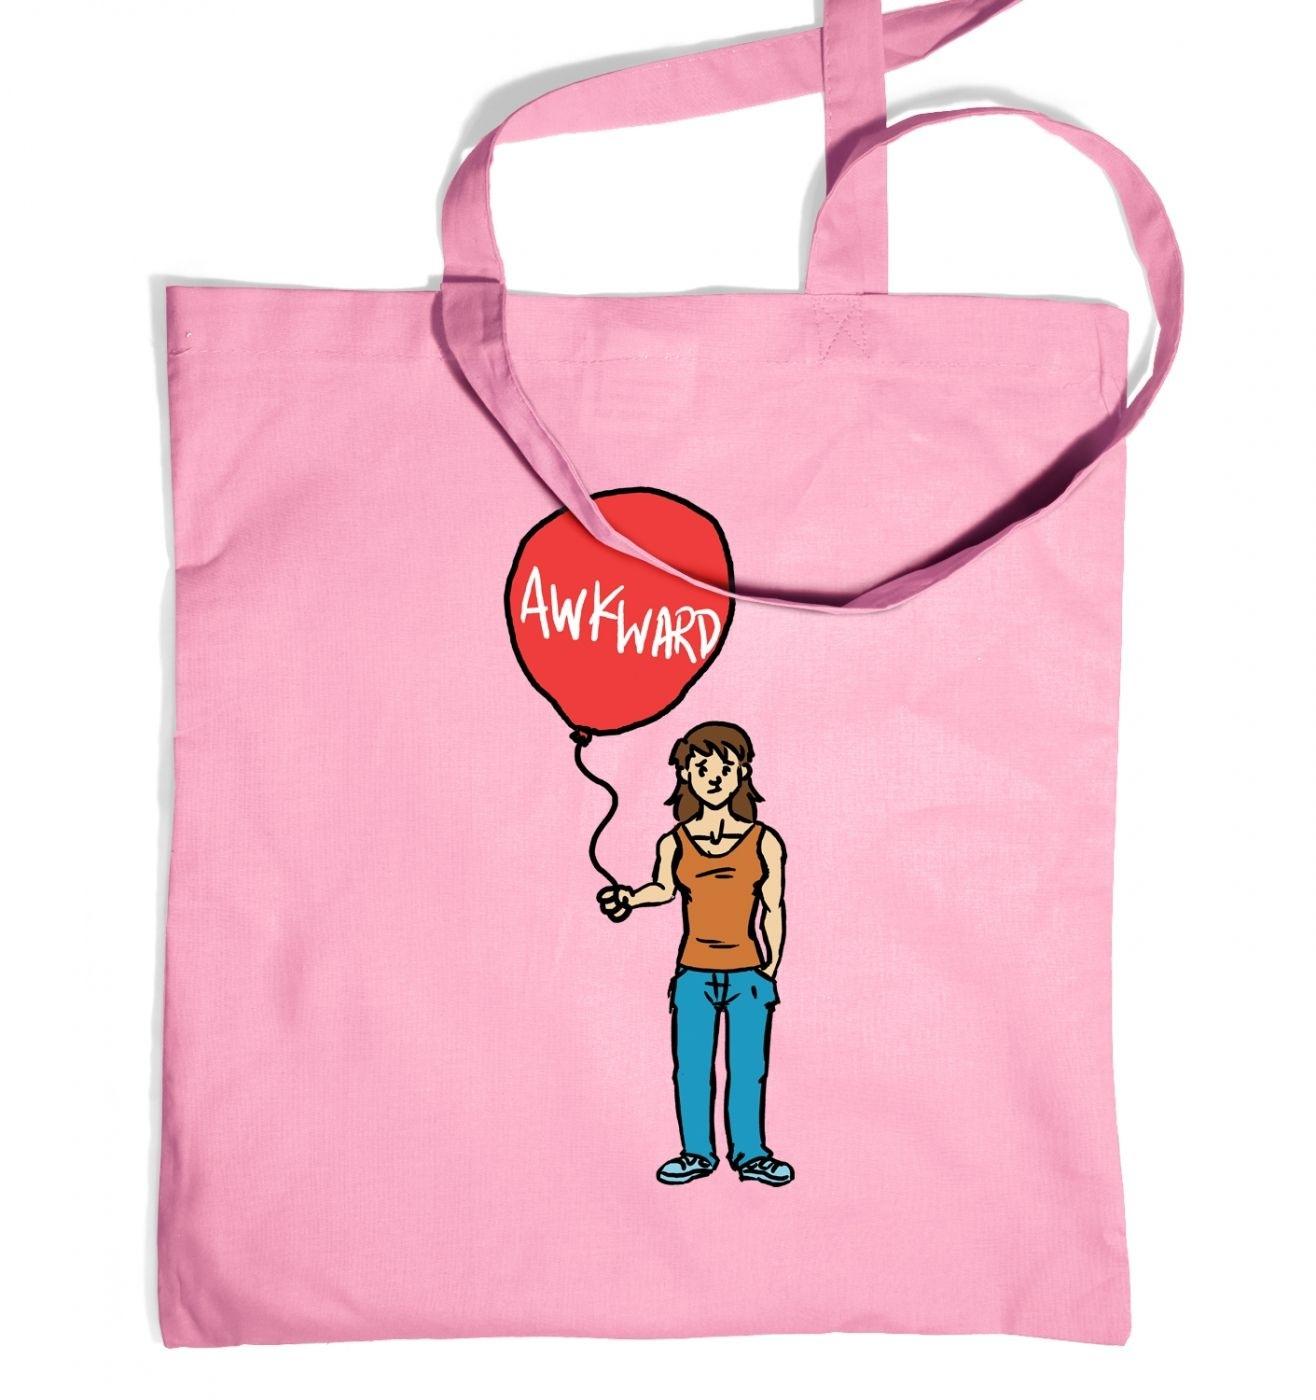 Awkward Balloon Girl tote bag